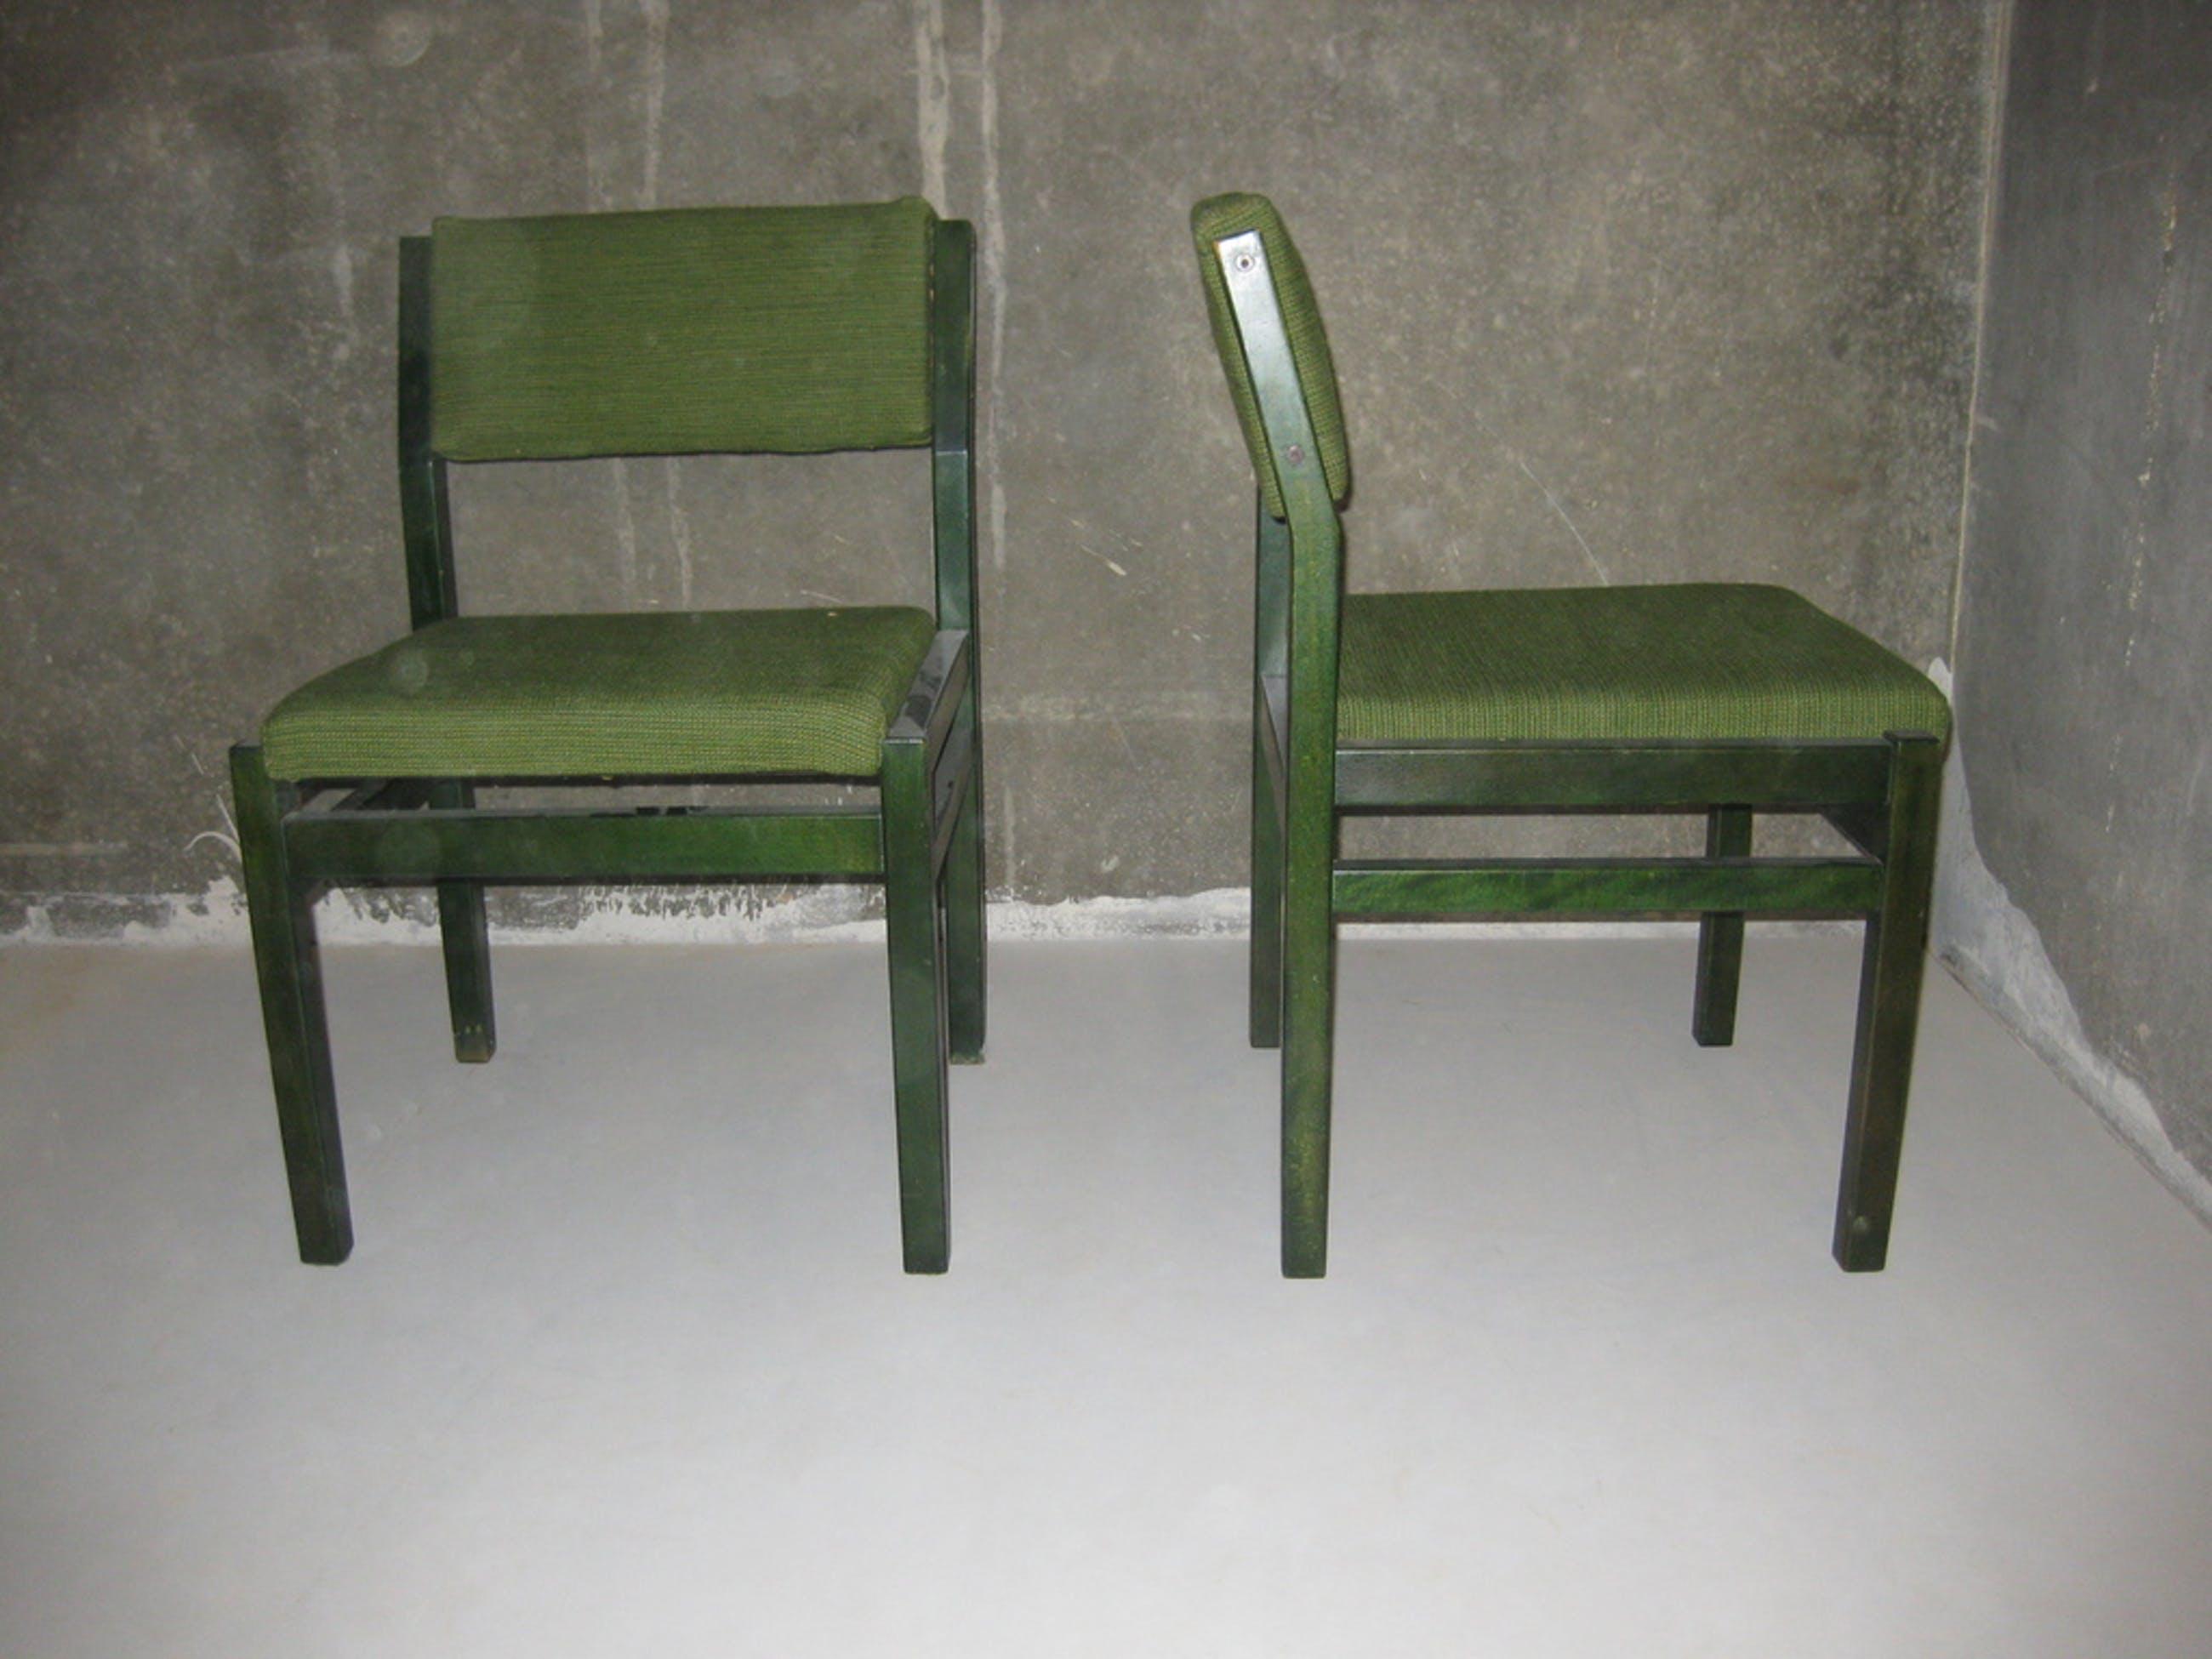 24 Design Stoelen.Twee Design Stoelen Cees Braakman Pastoe Japanse Serie